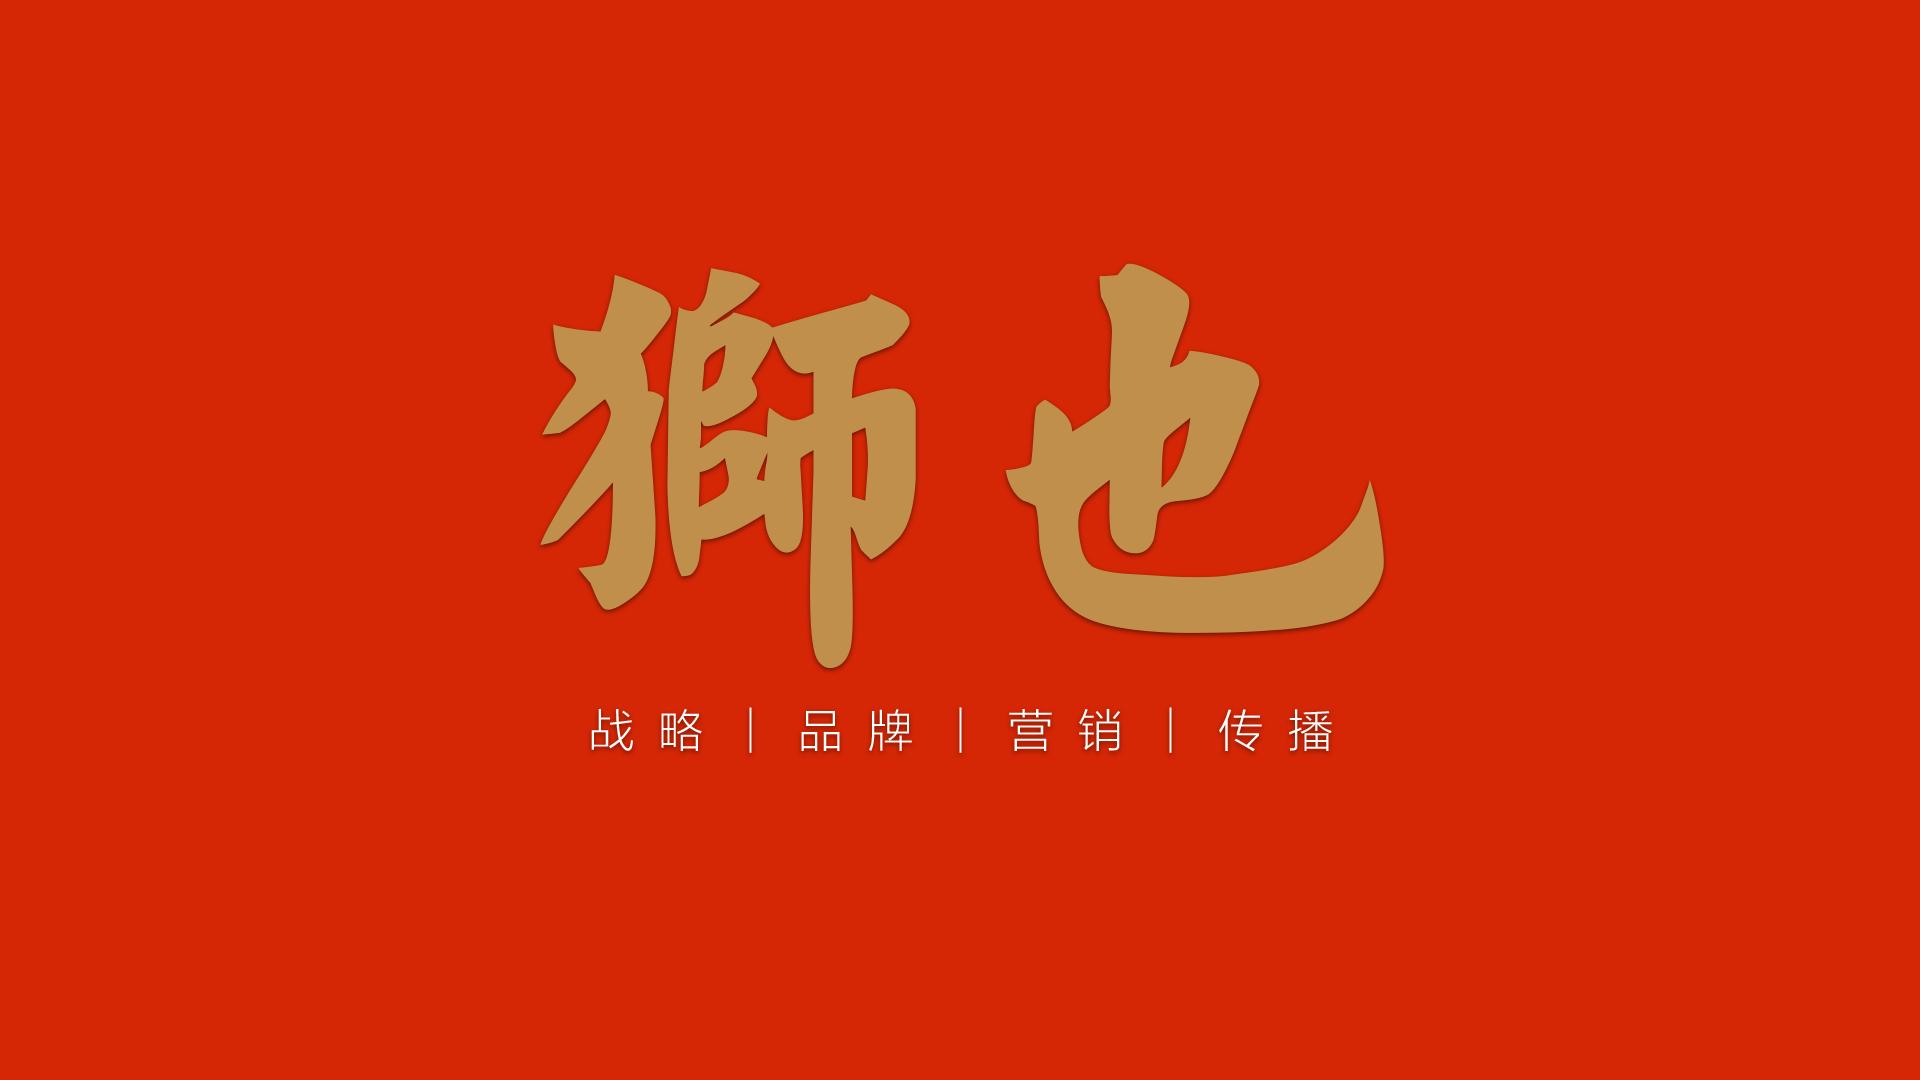 上海营销策划公司—国际化、经济全球化的主要标志